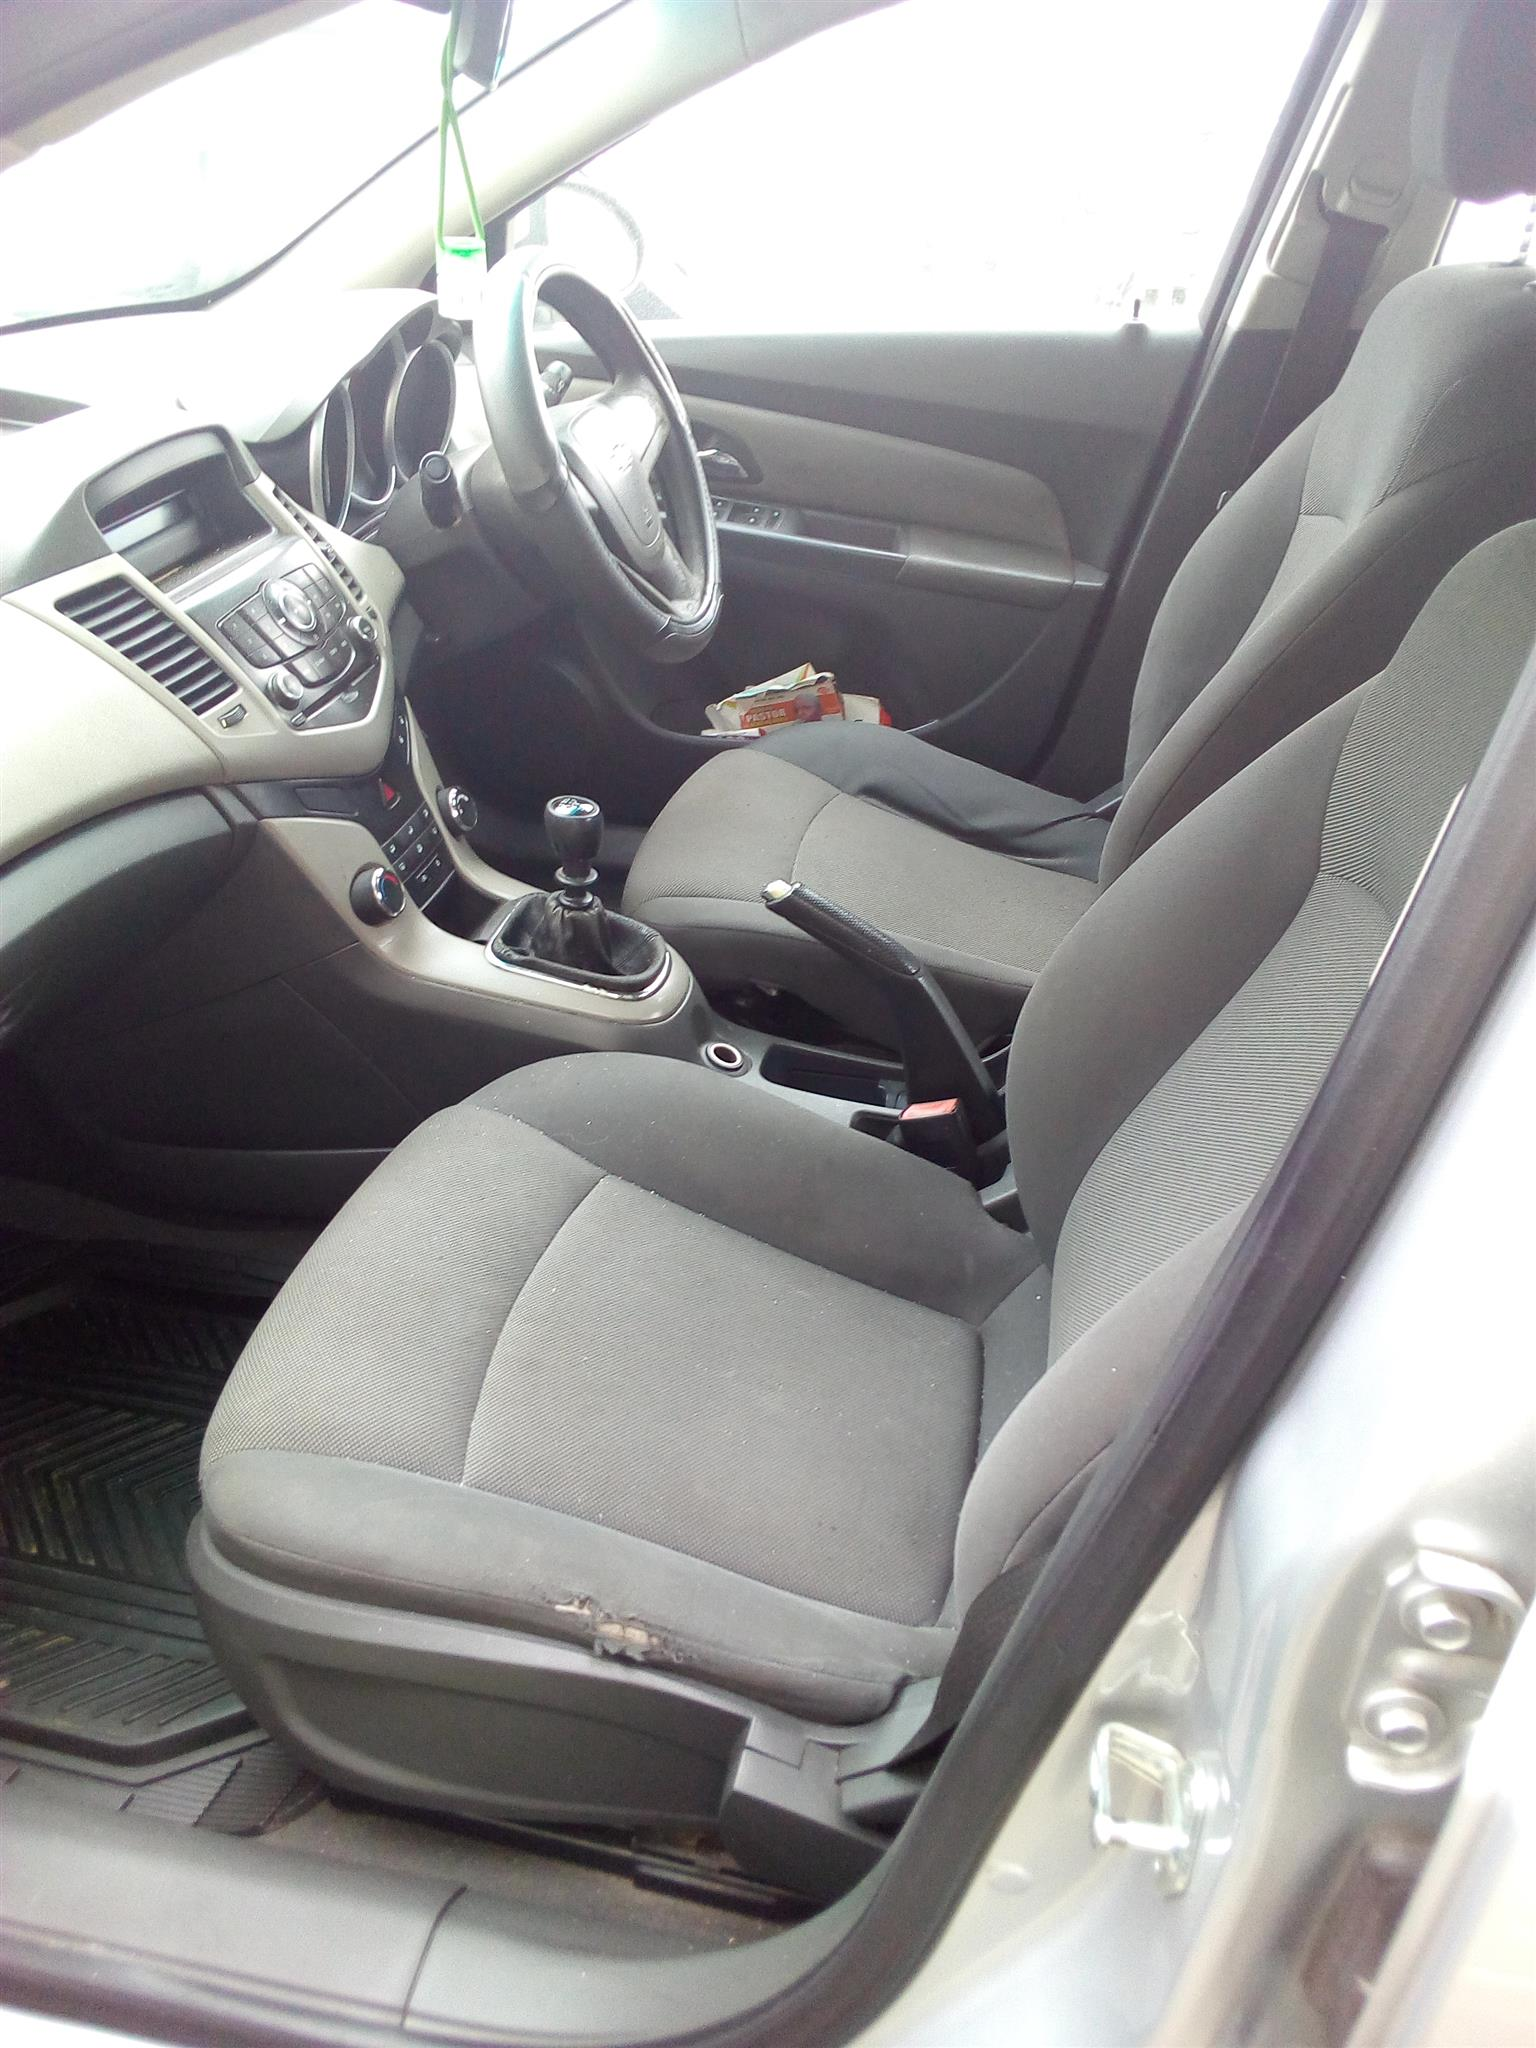 2010 Chevrolet Cruze sedan 1.6 L